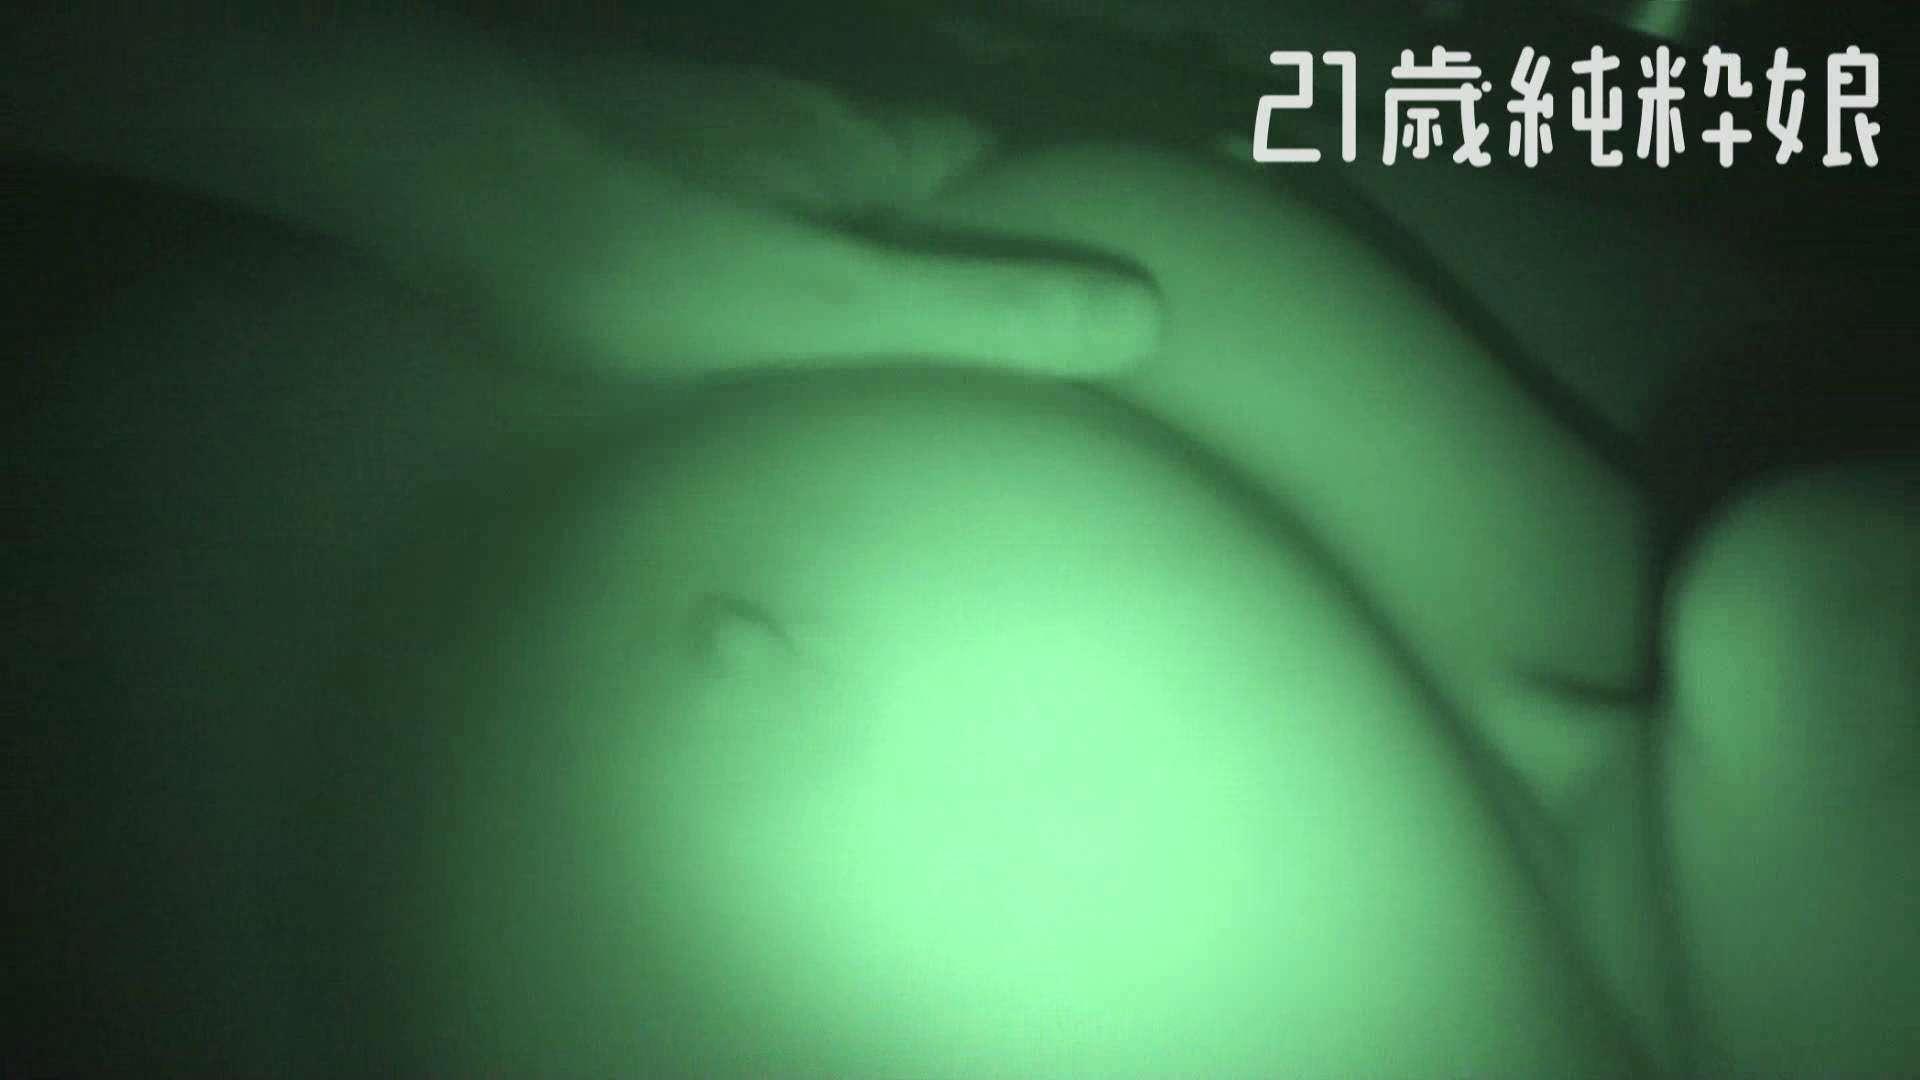 上京したばかりのGカップ21歳純粋嬢を都合の良い女にしてみた3 フェラ  110連発 110